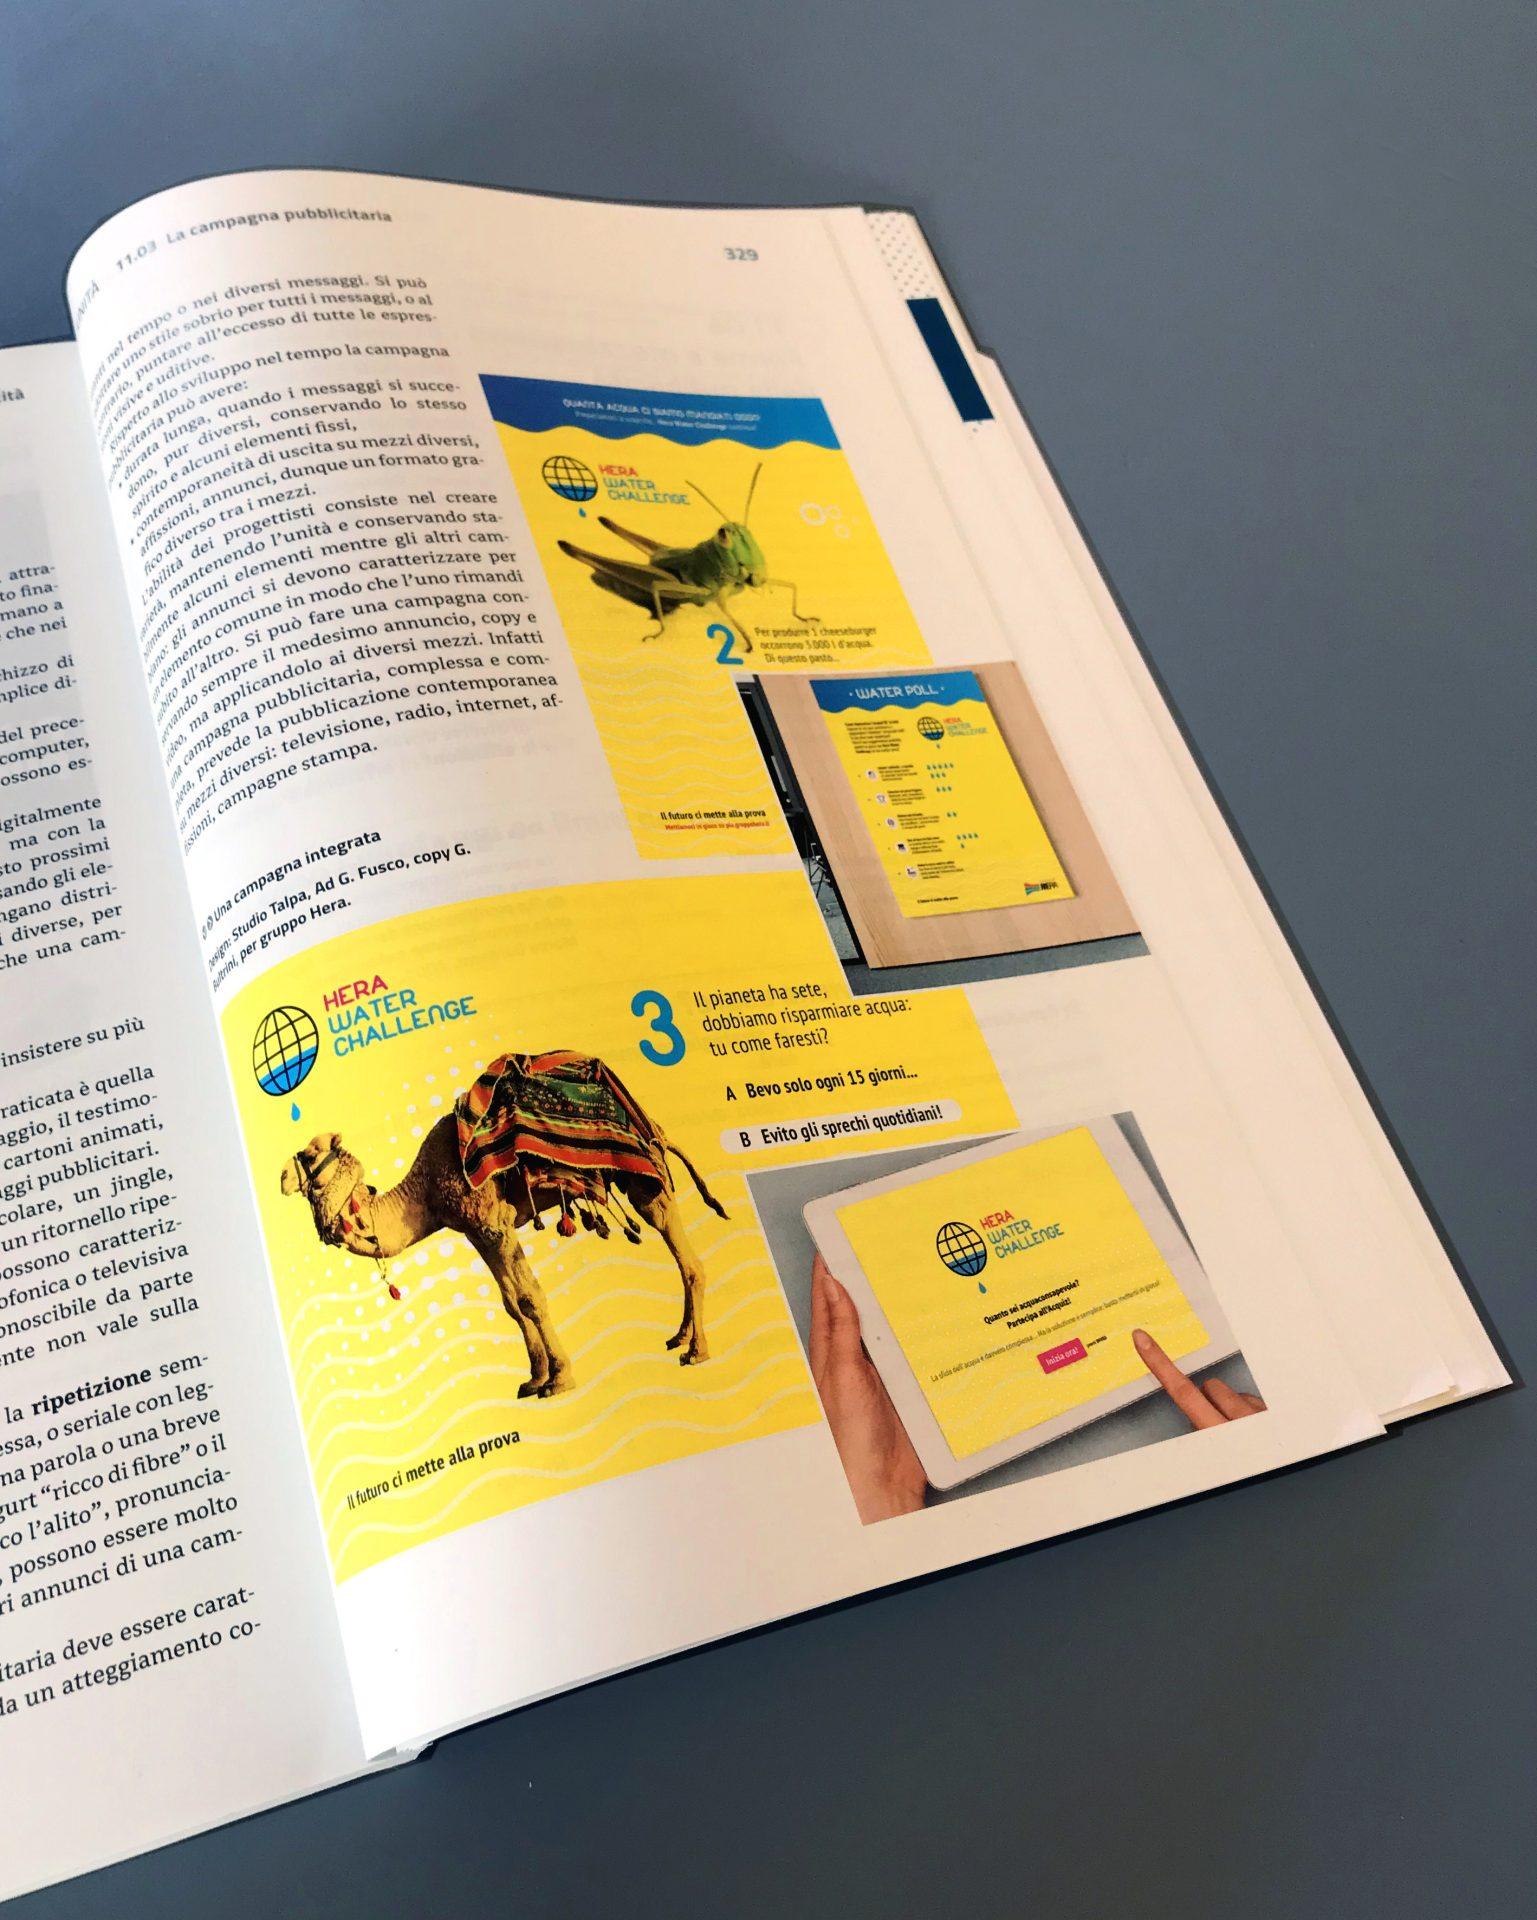 HWC Progettazione grafica 2020 Clitt/Zanichelli